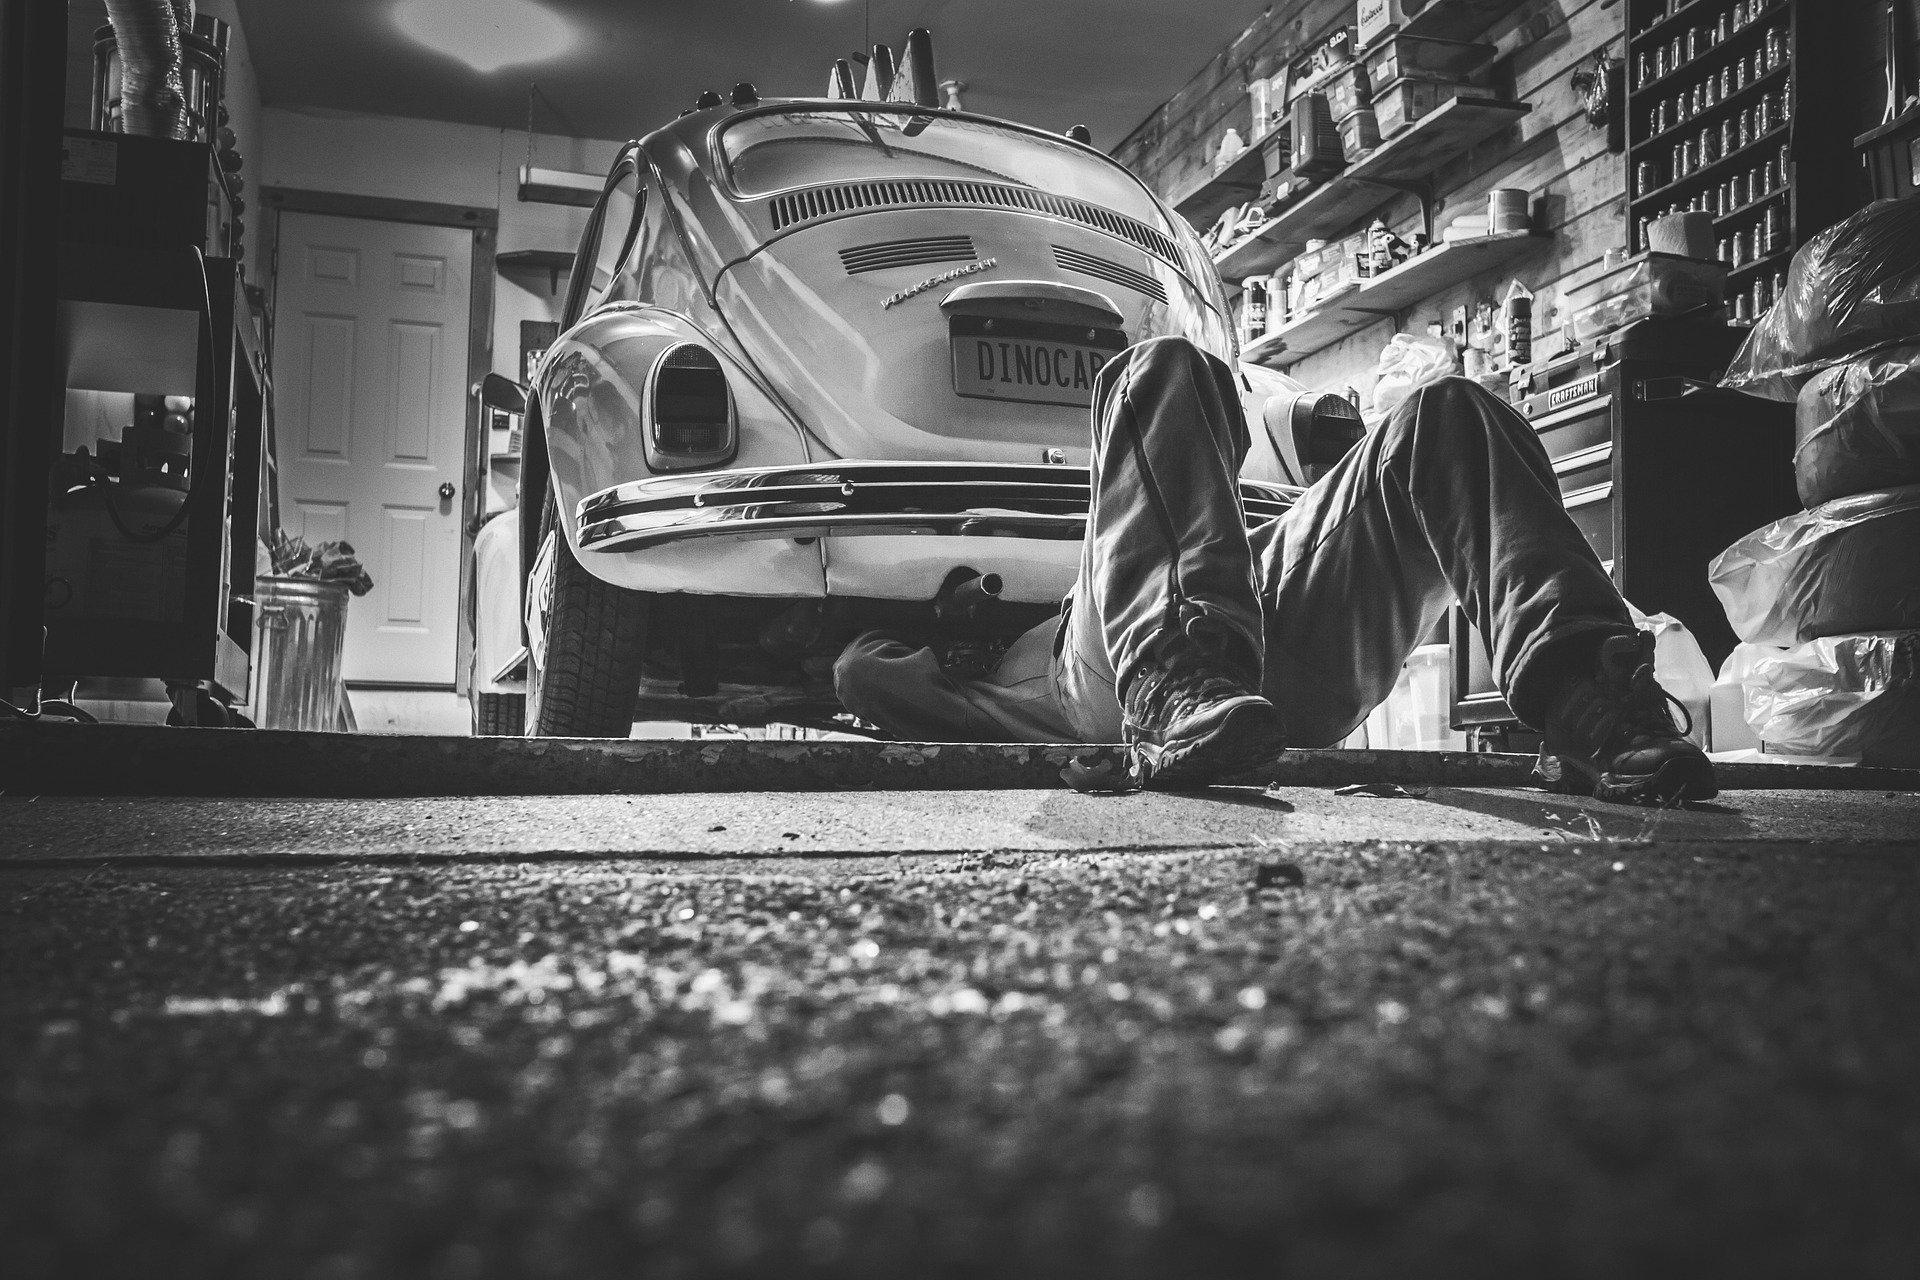 Cursos de Prevención de Riesgos Laborales y Medioambientales en Mantenimiento de Vehículos